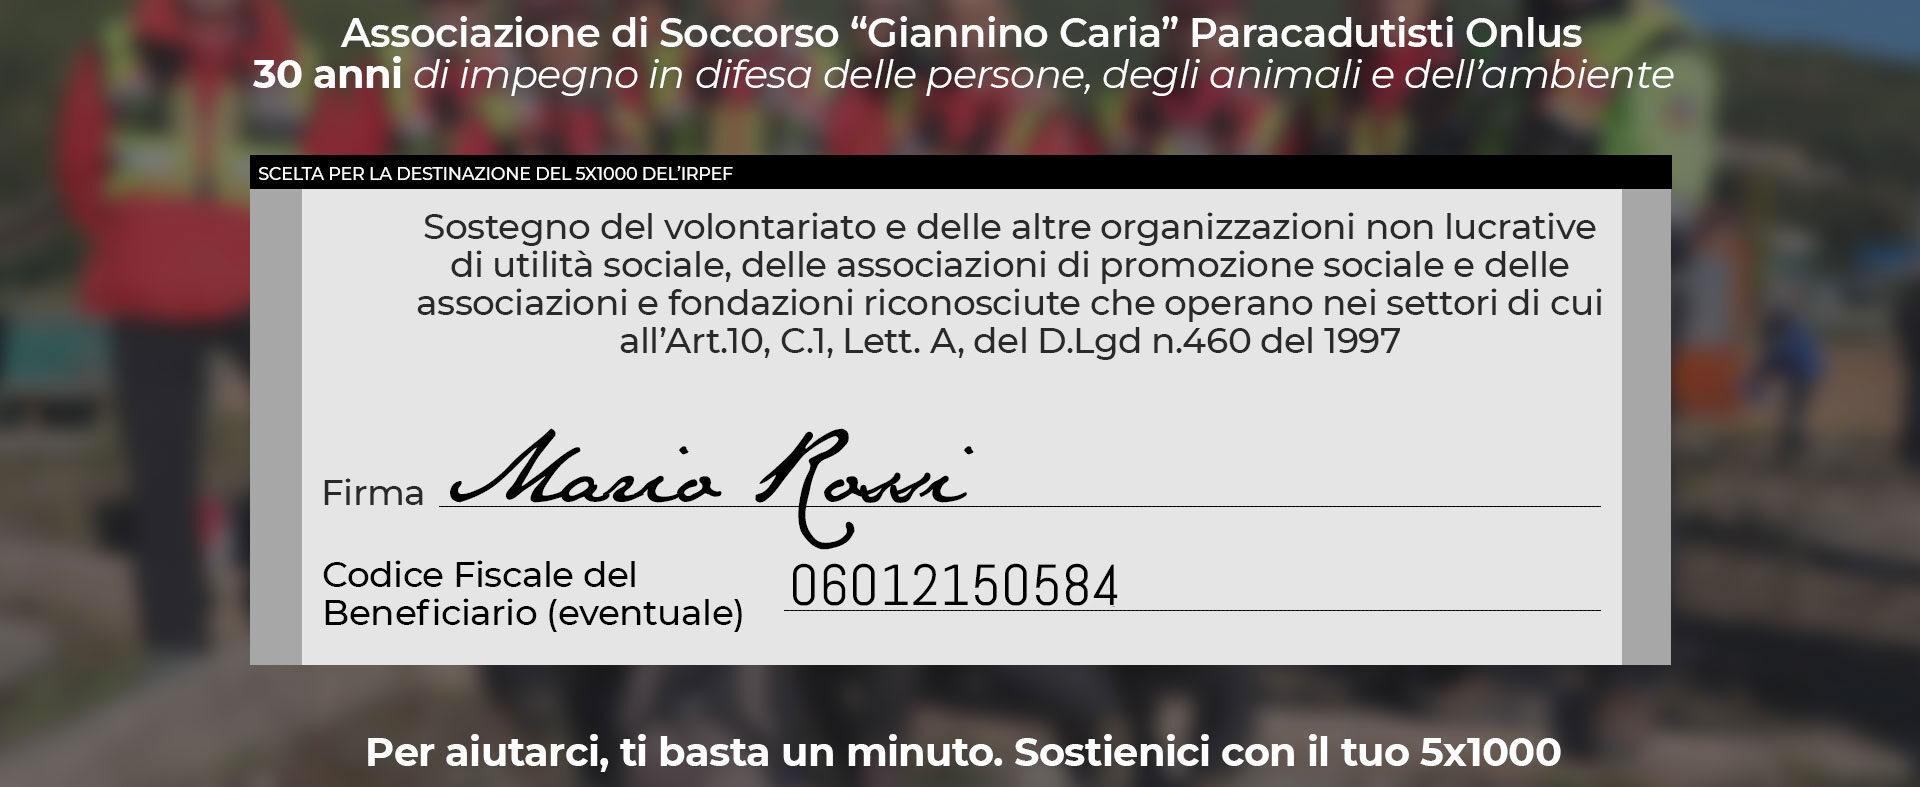 DONAZIONI 5X1000 Giannino Caria - Protezione Civile